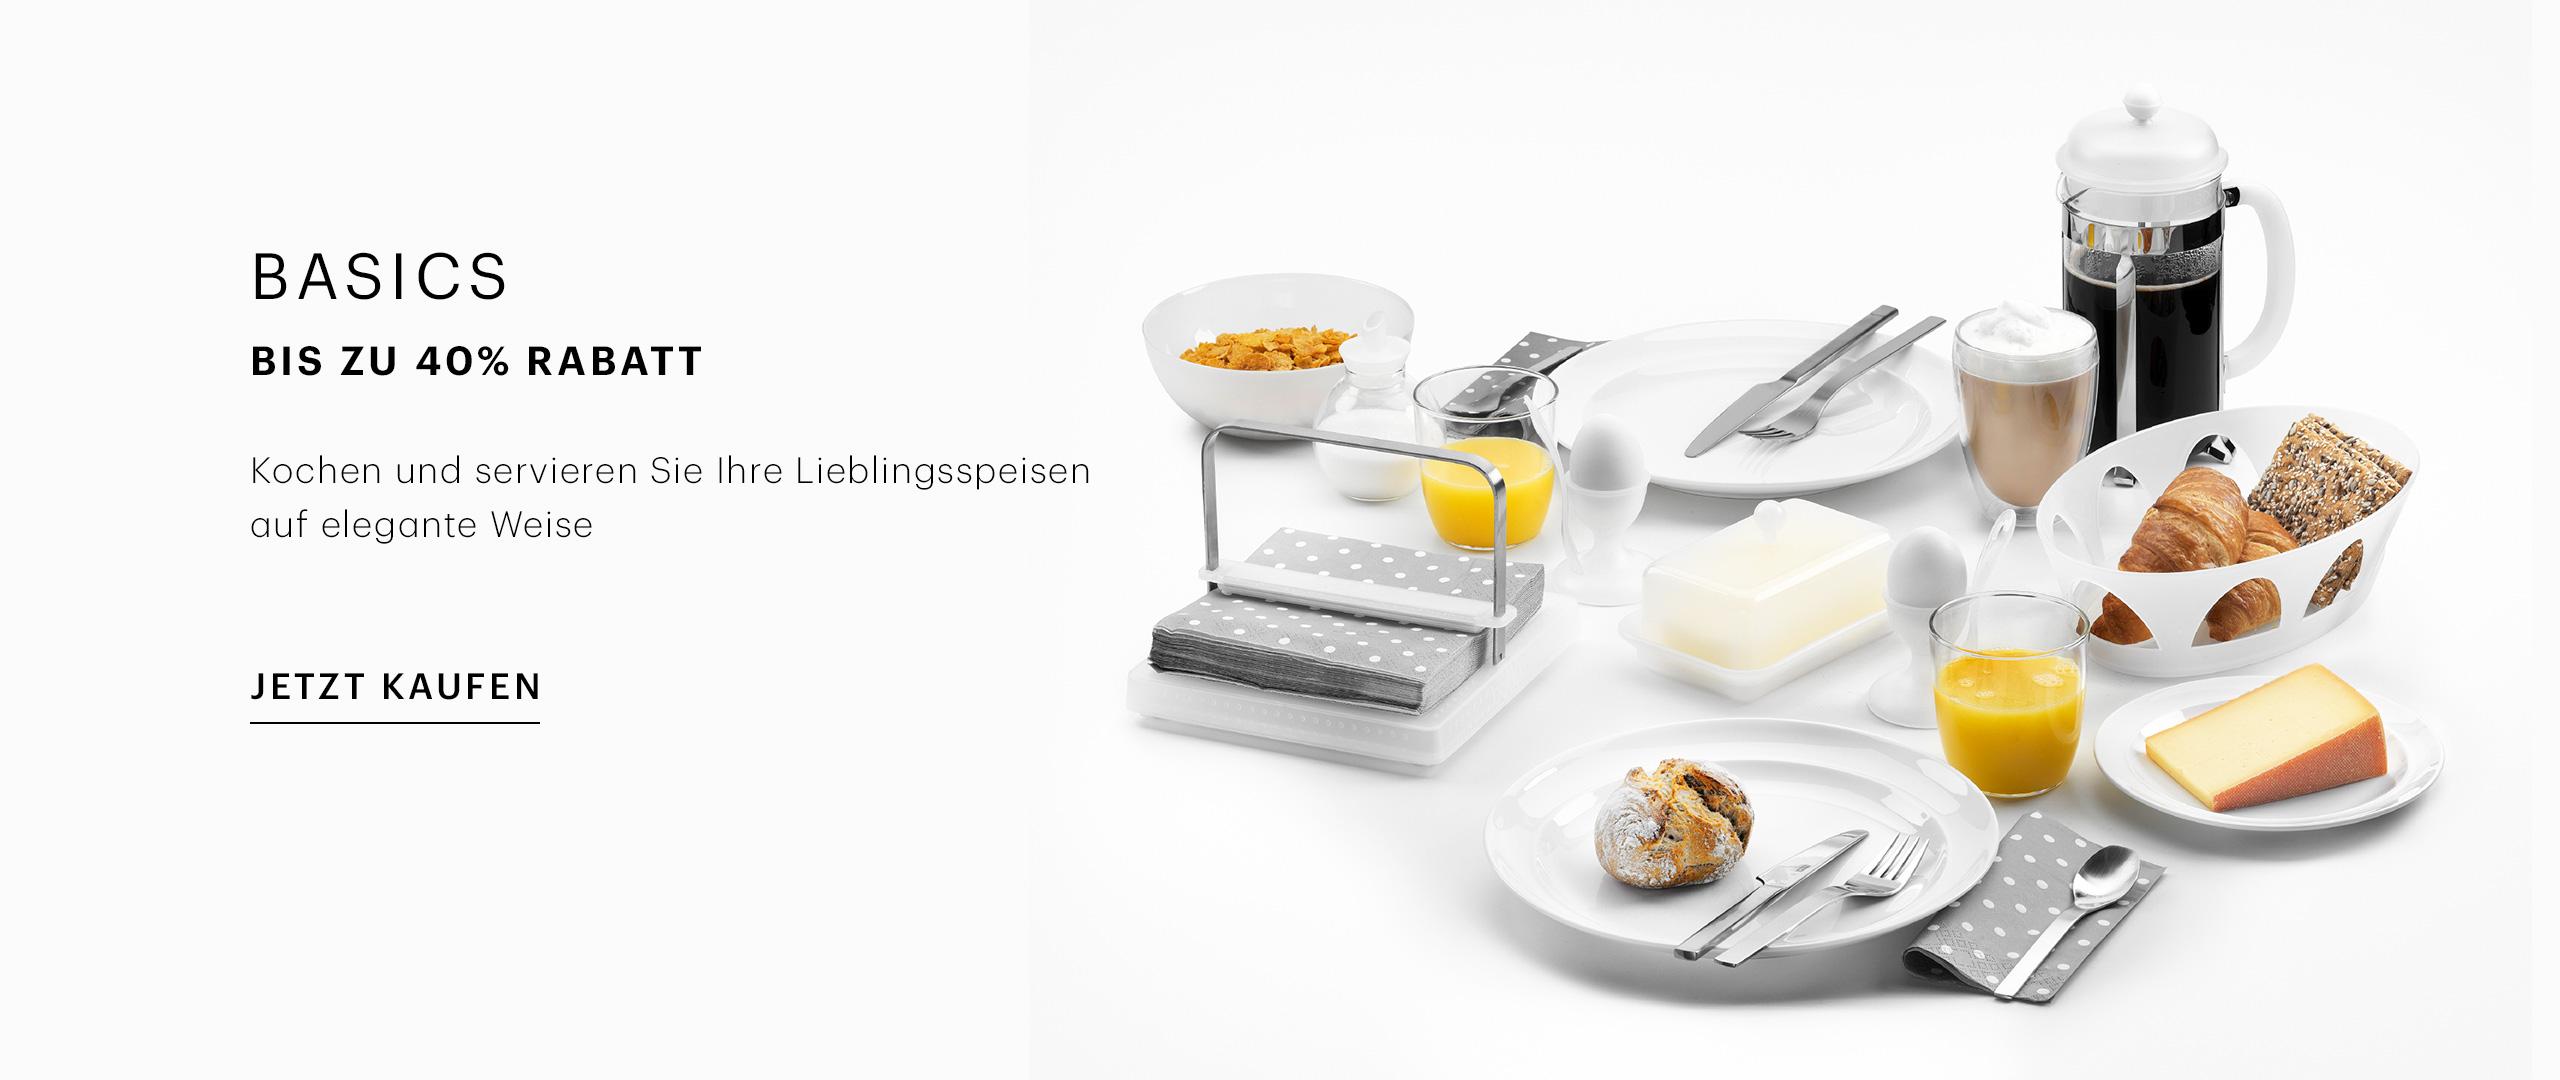 BEU [DE] - Bodum Basics